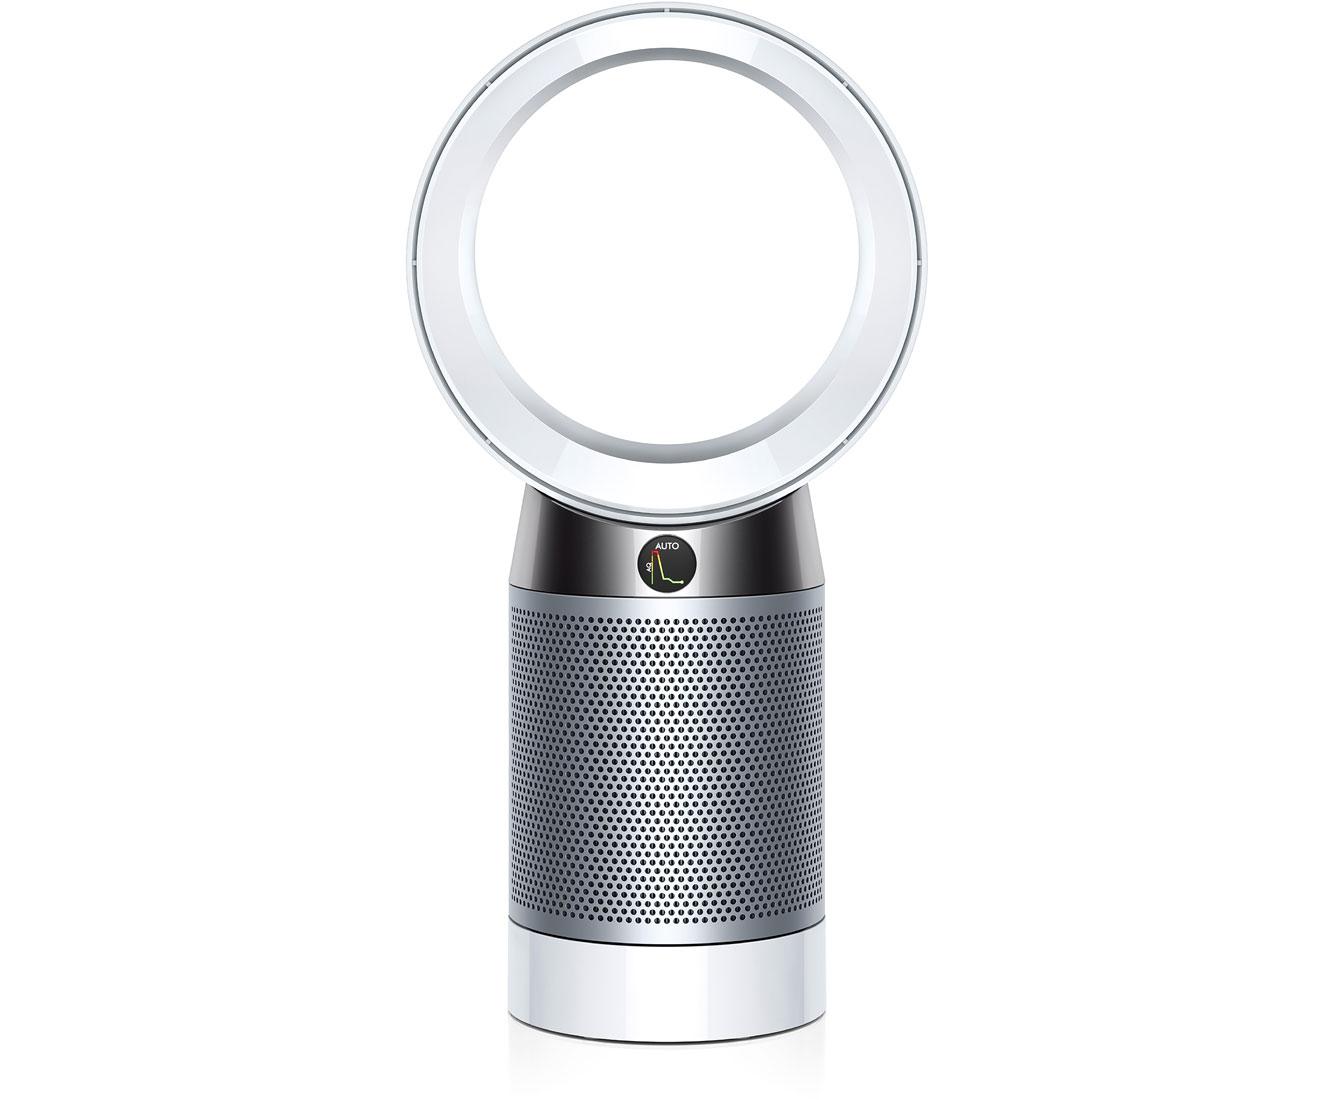 Dyson Pure Cool™ DP04 2-in-1 Luftreiniger und Ventilator mit  Aktiv-Kohlefilter und Dyson Link App - Weiß / Silber